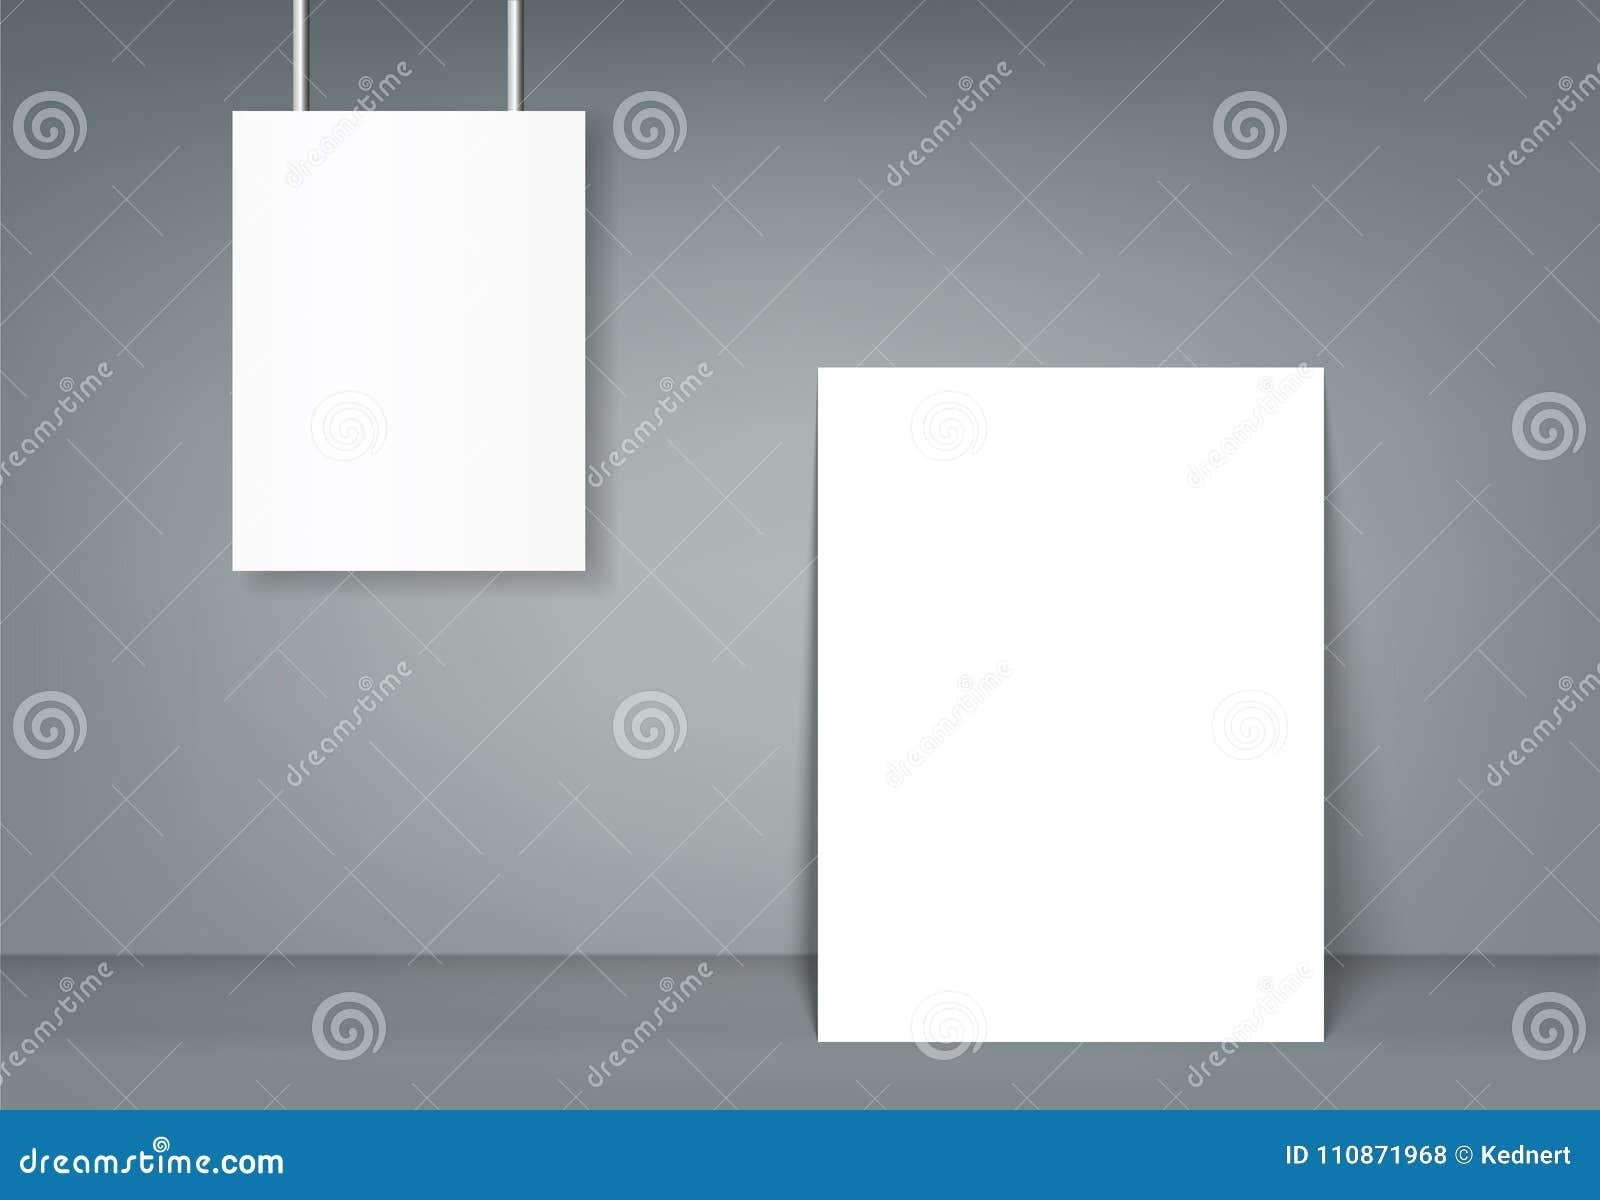 poster blank bi fold brochure mockup cover template stock vector